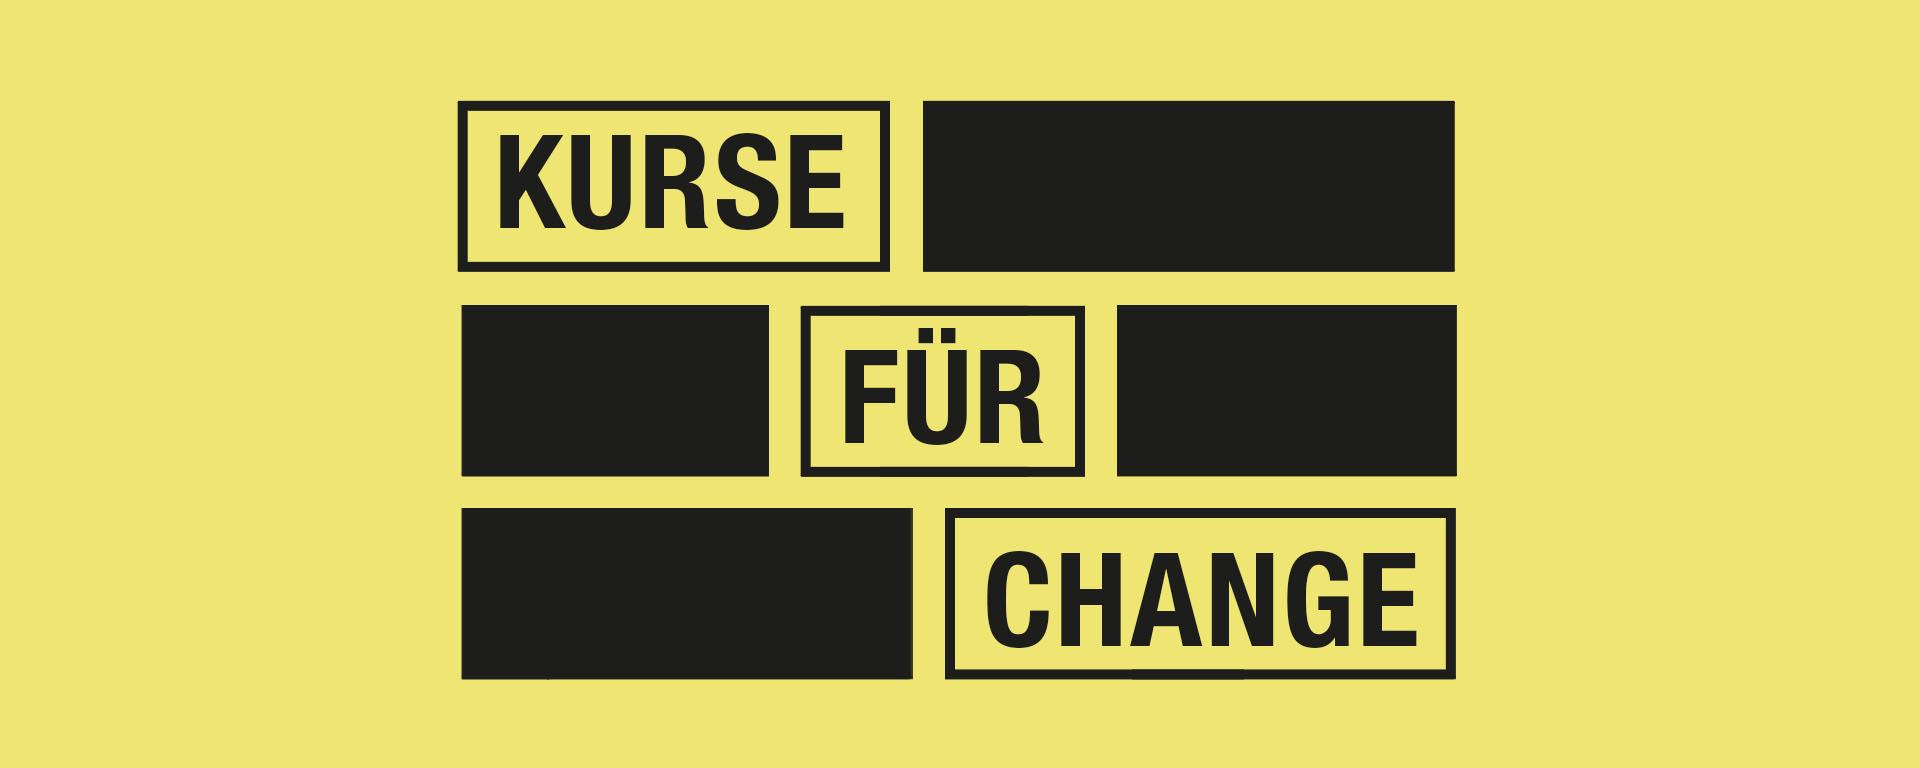 Workshop, Training, Kurse für Changemanagement, Transformation